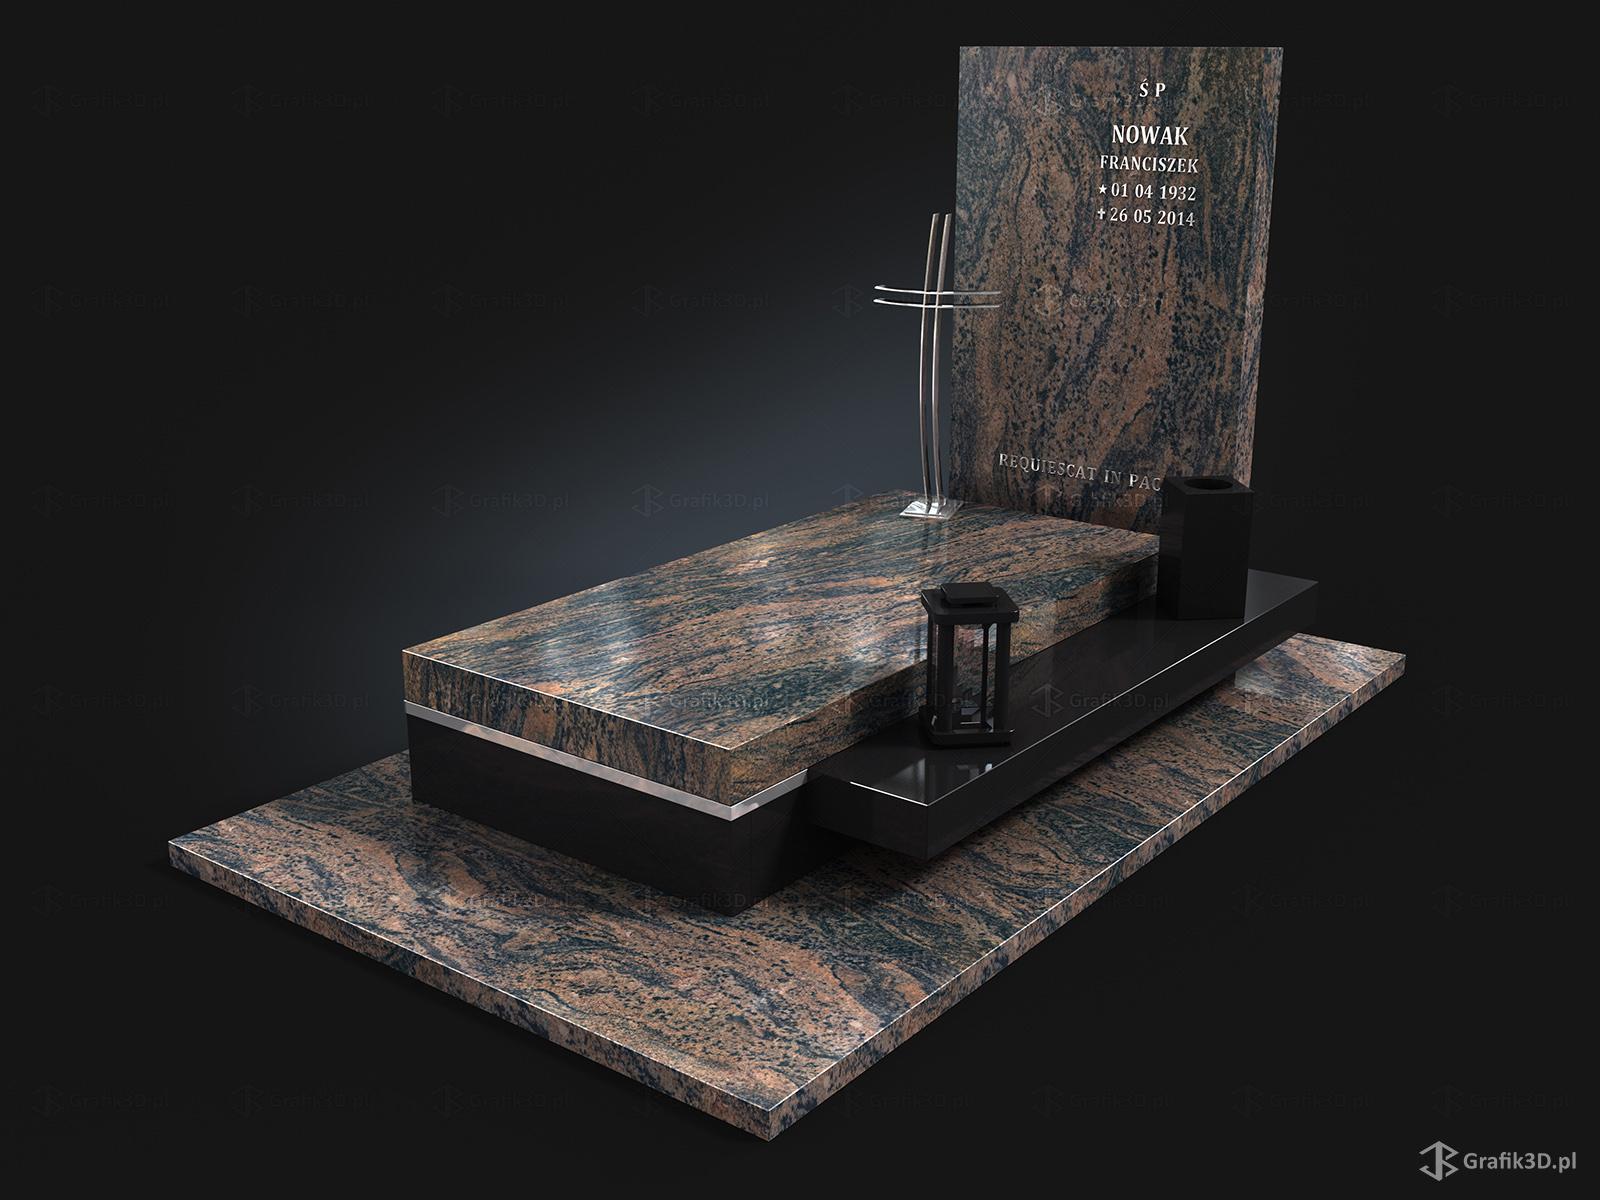 Grafik 3d Trójwymiarowy projekt nagrobka z kamienia